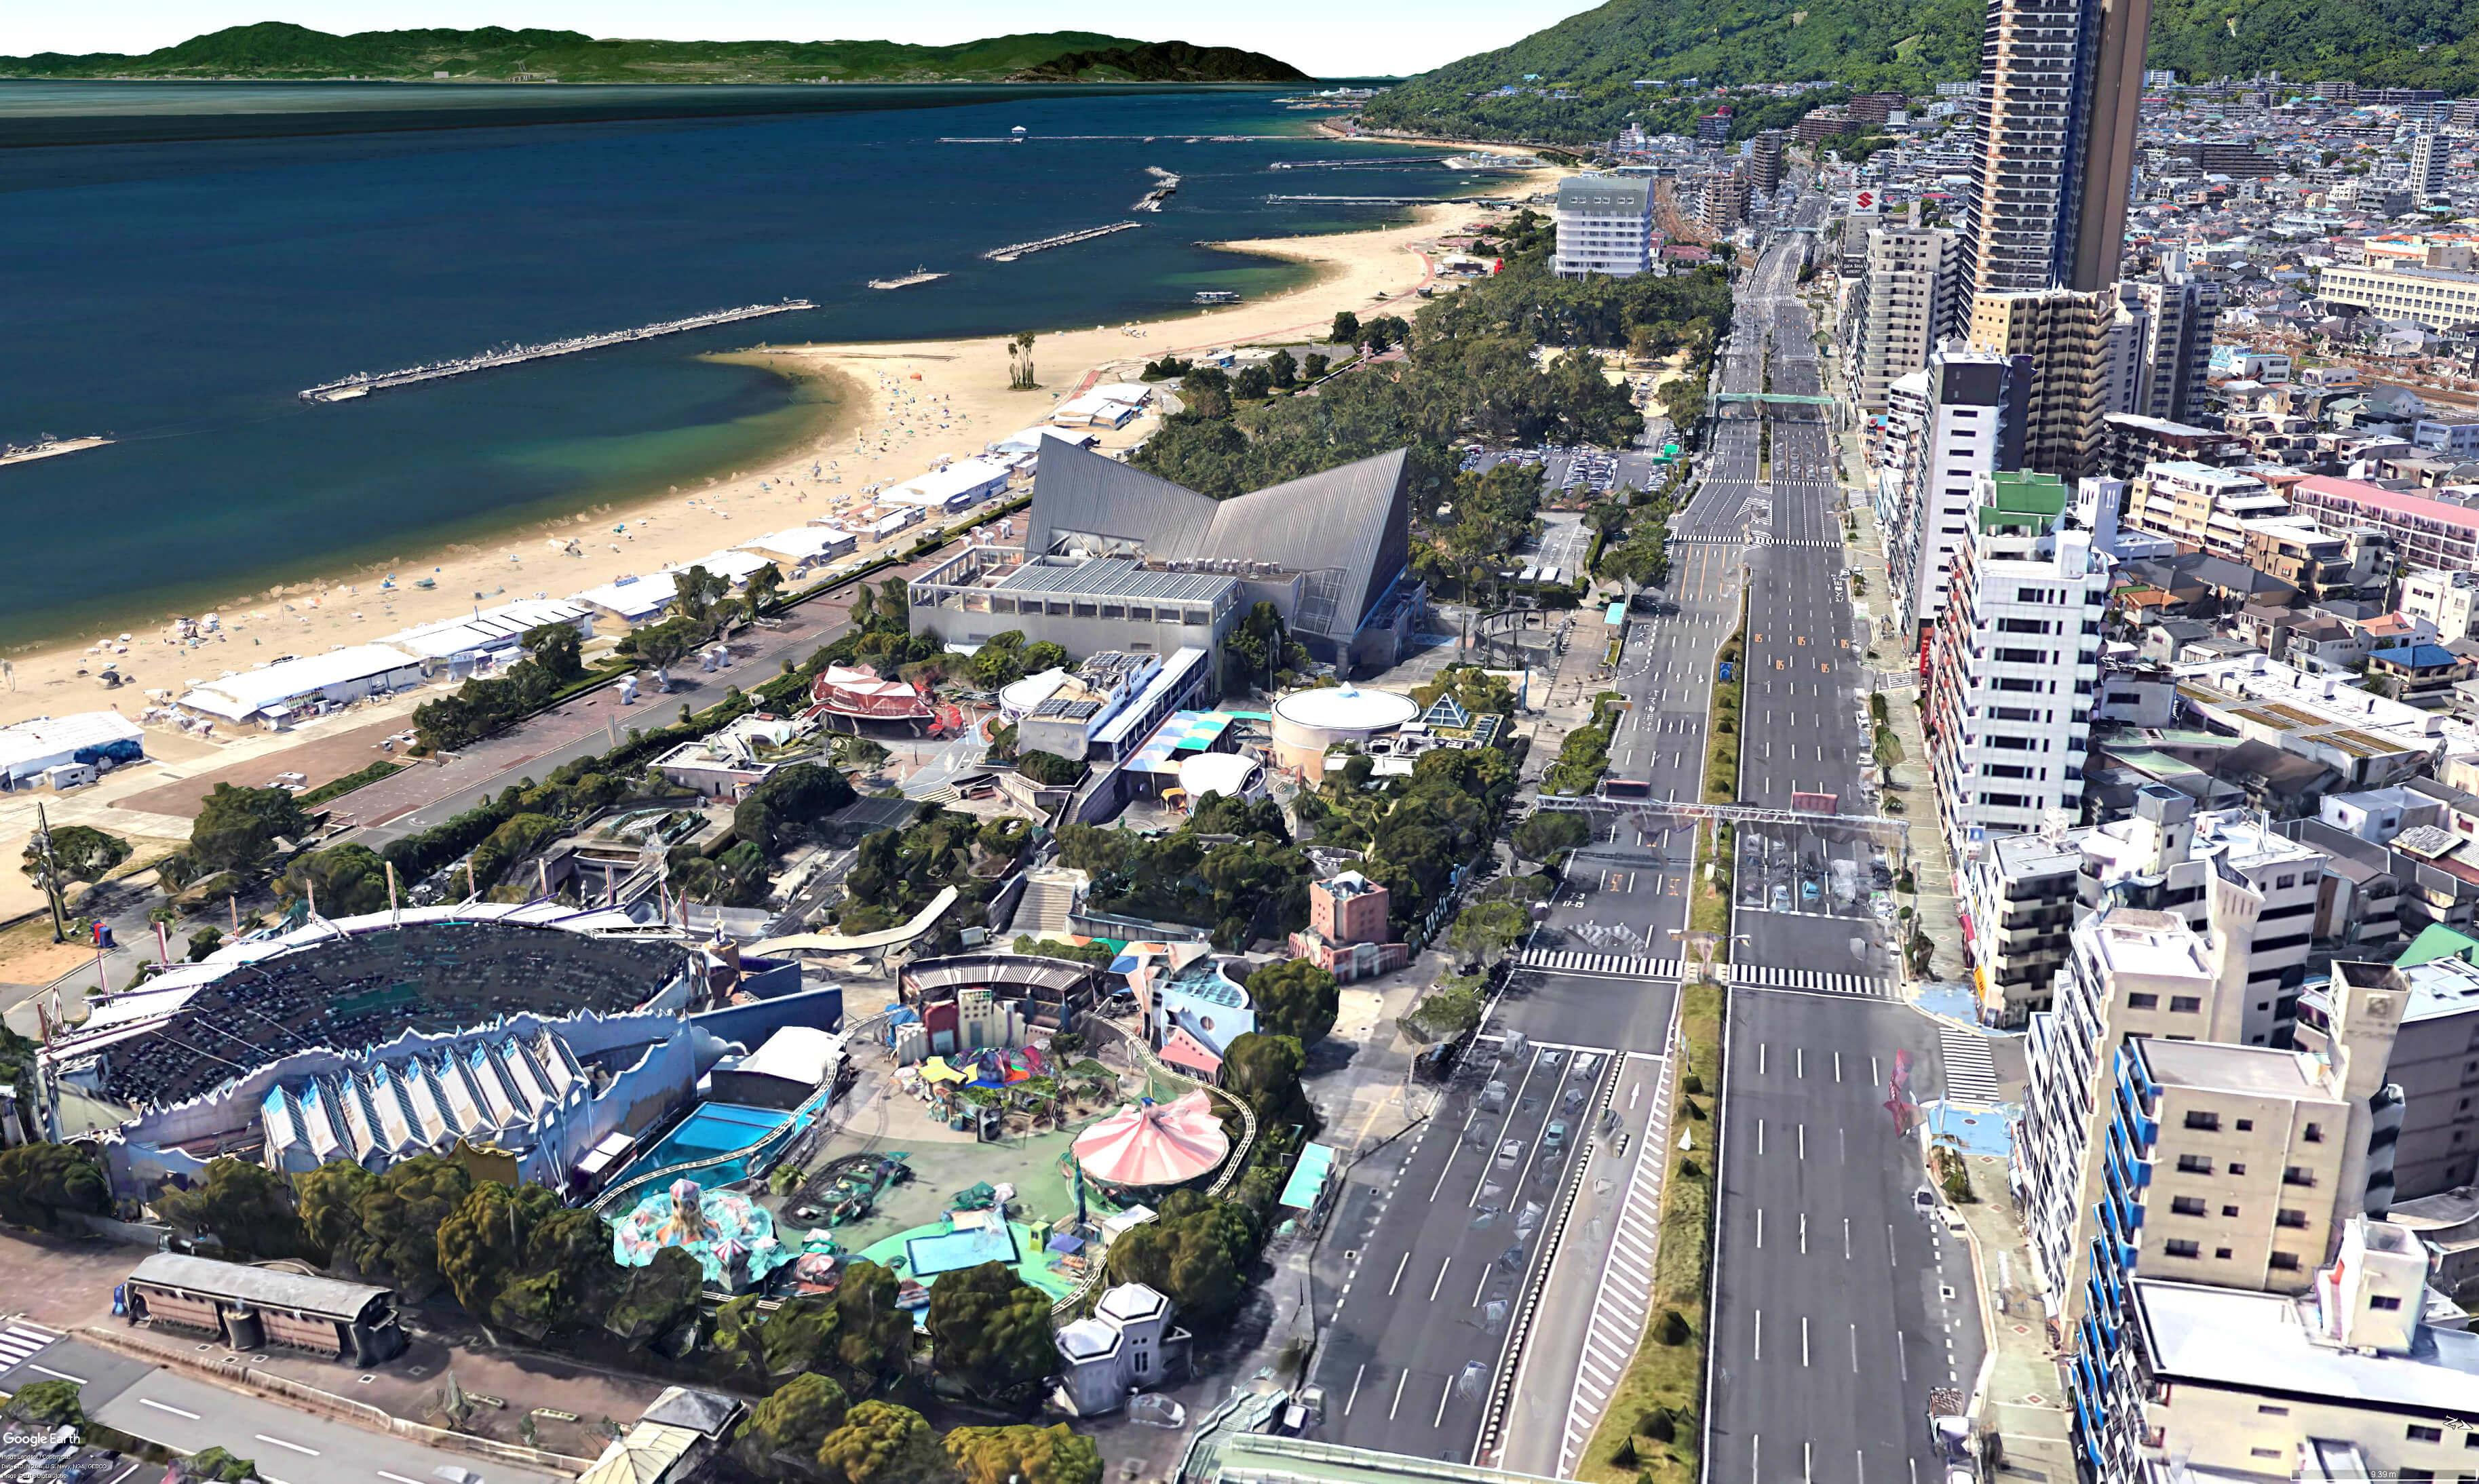 須磨海水浴場(須磨海岸・須磨ビーチ)と須磨海浜水族園